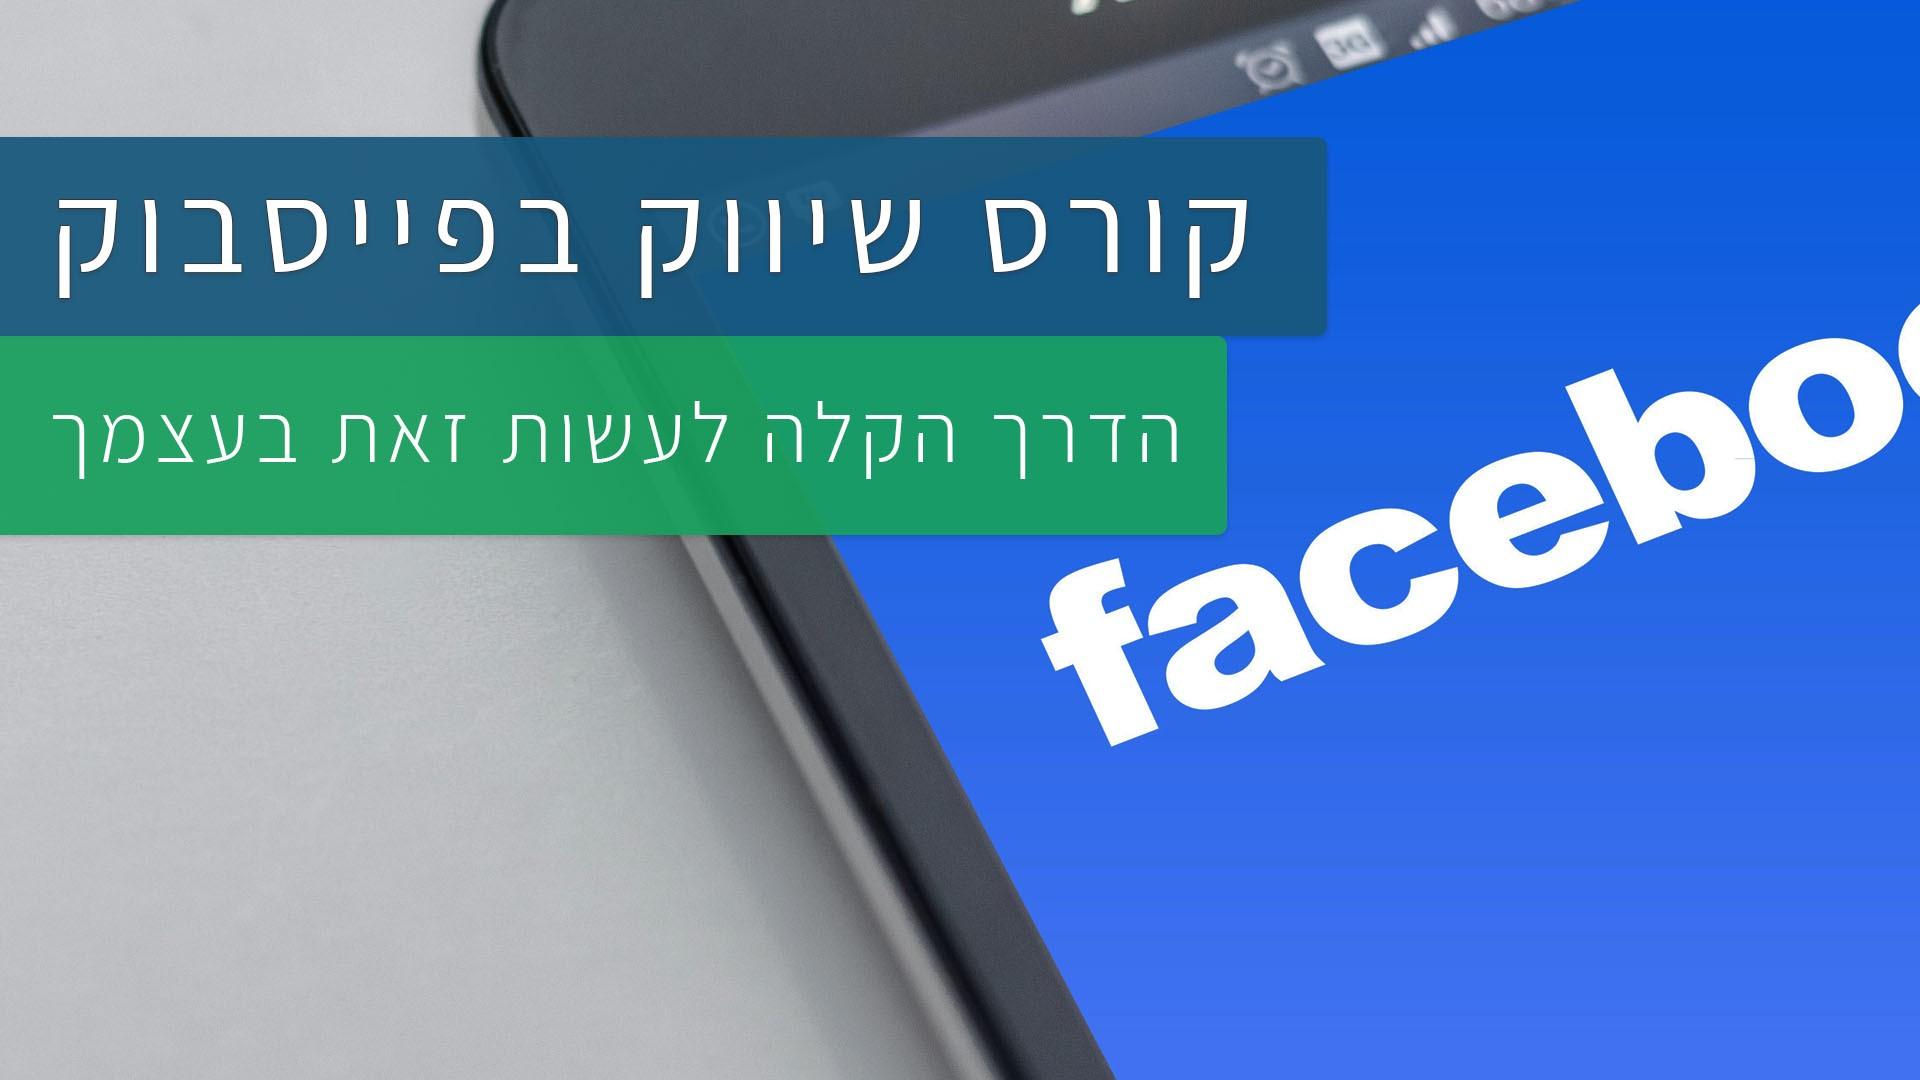 שיווק בפייסבוק - הדרך הקלה